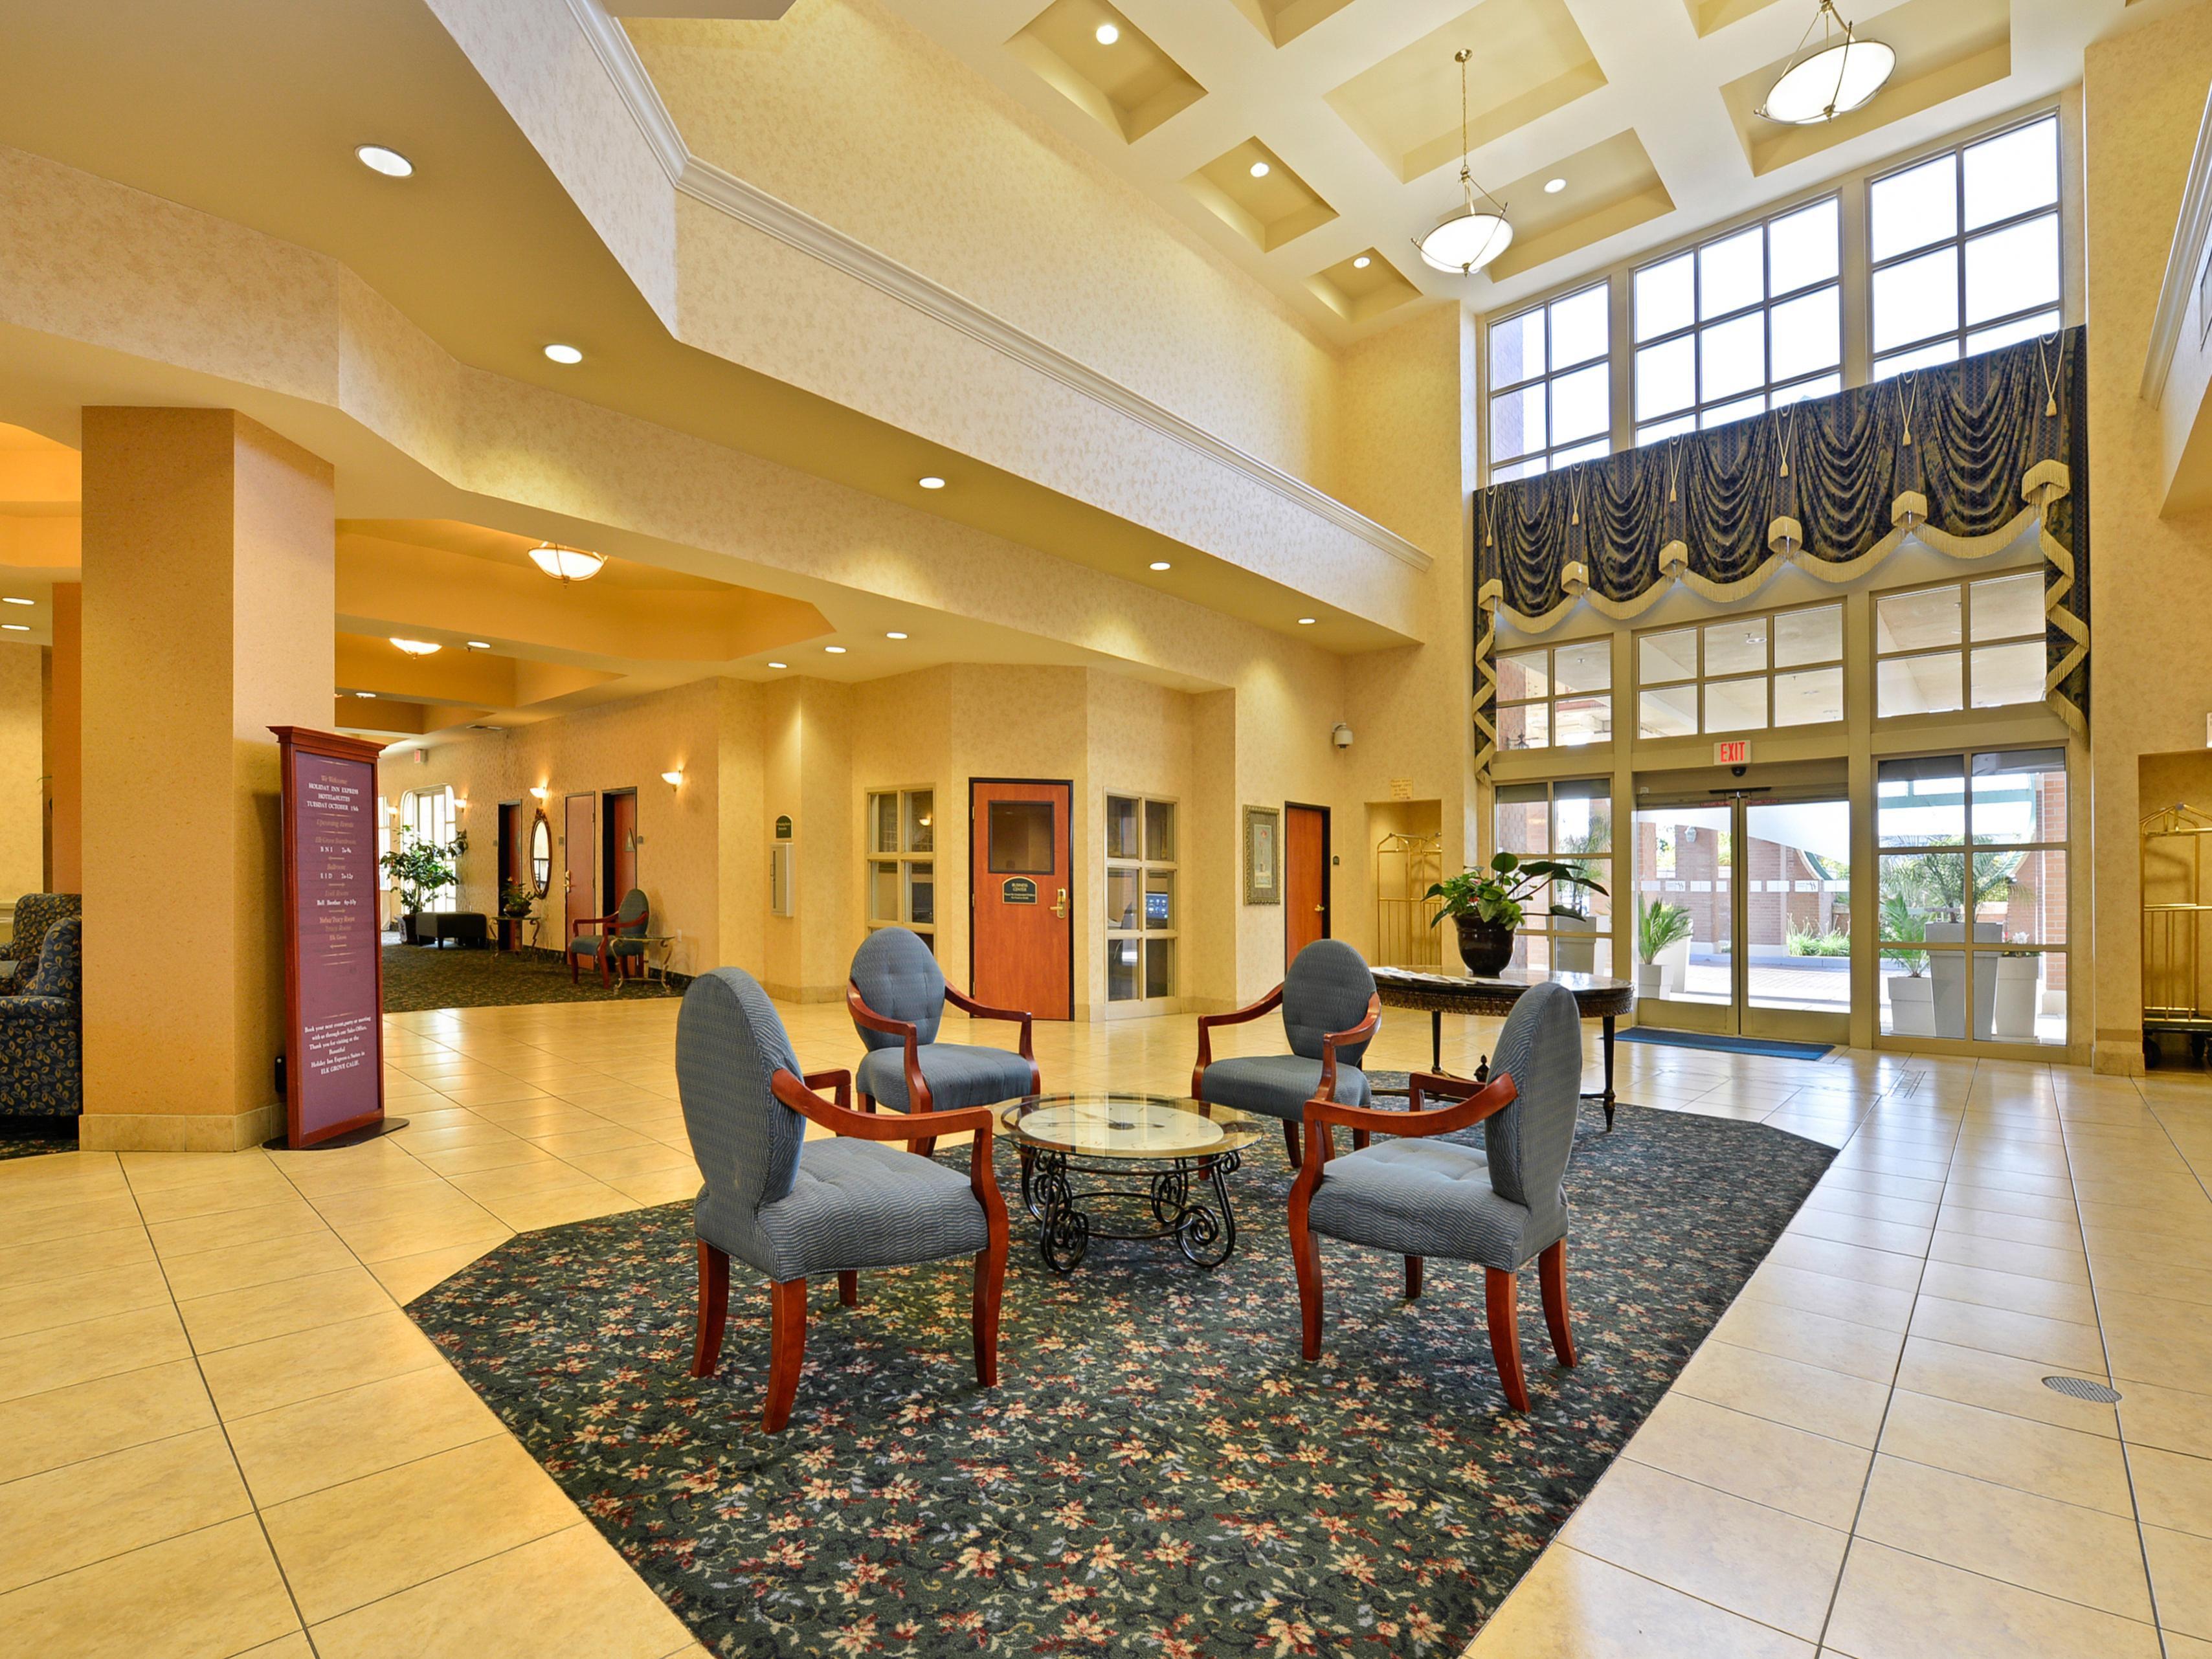 holiday inn express suites hotels elk grove ctrl. Black Bedroom Furniture Sets. Home Design Ideas